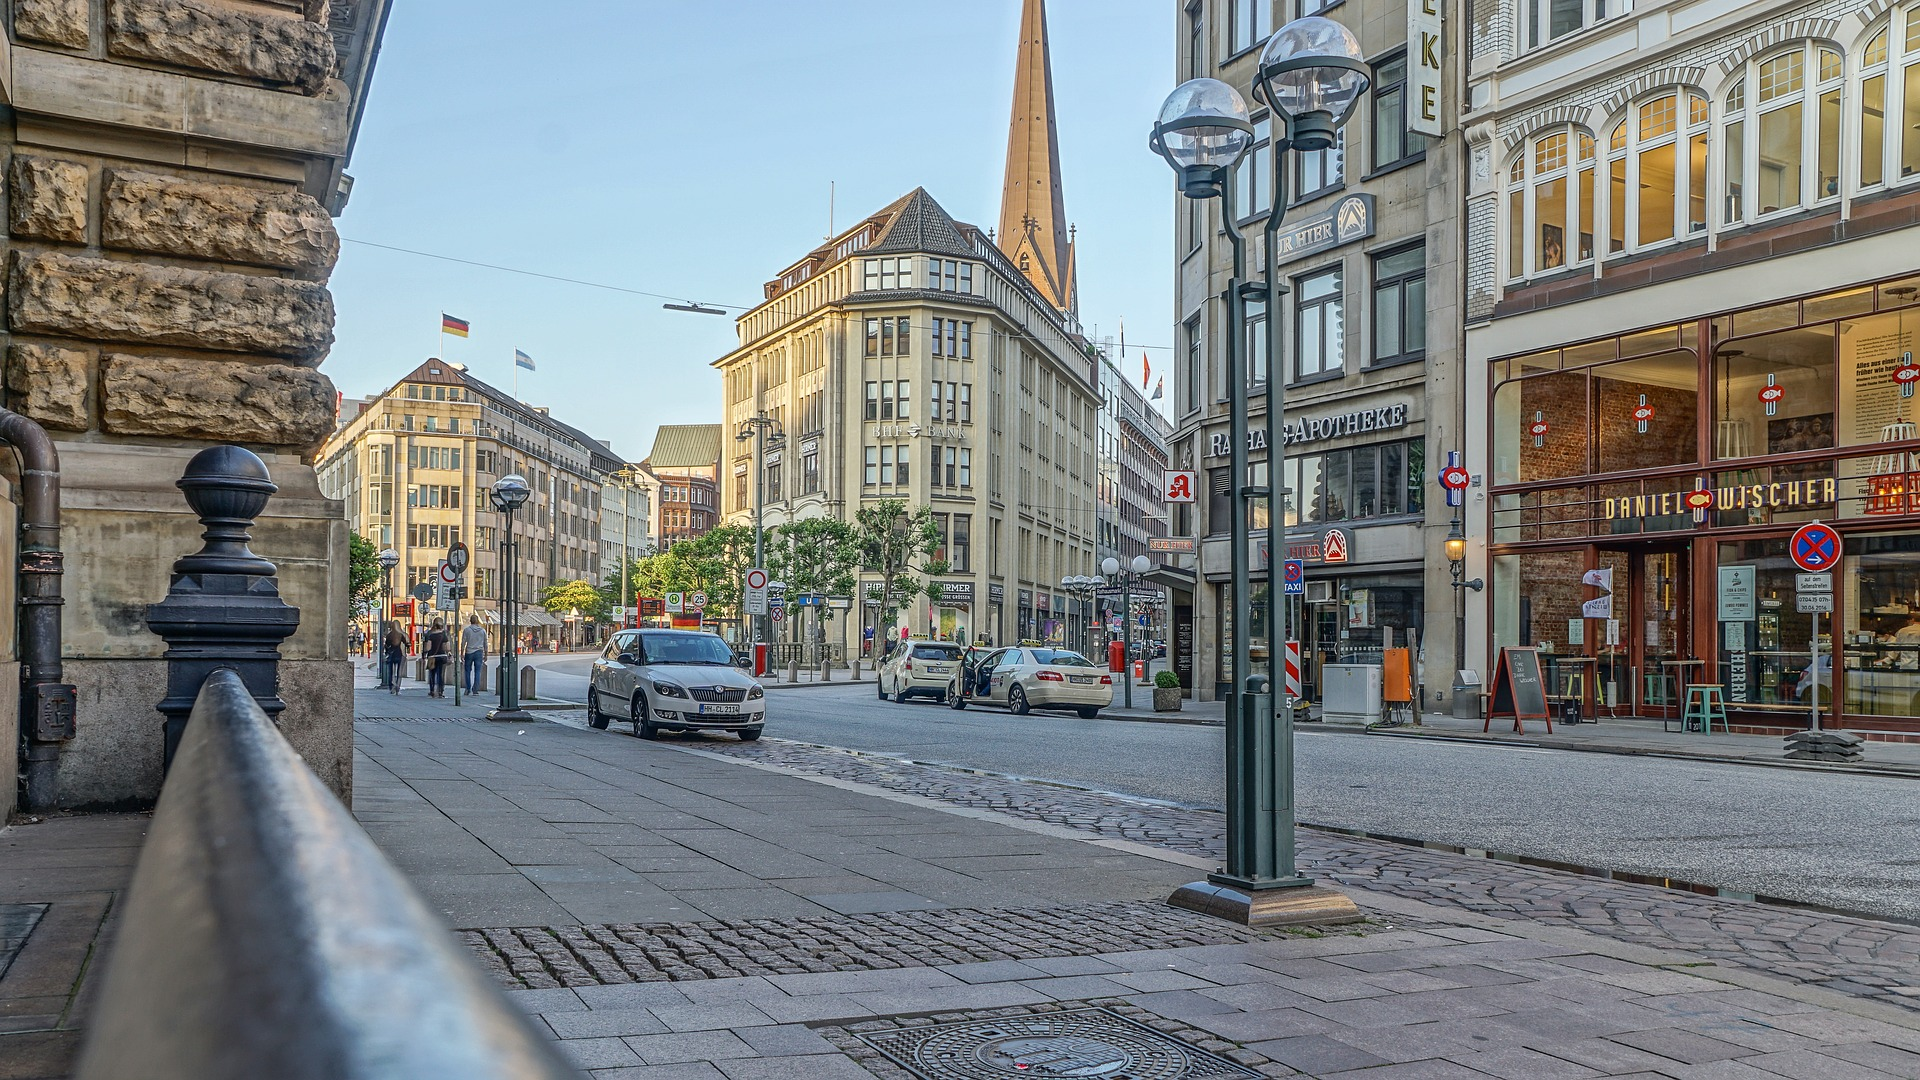 Gönn dir das Tina Turner Musical ab 99,00€ inklusive Hotel in Hamburg